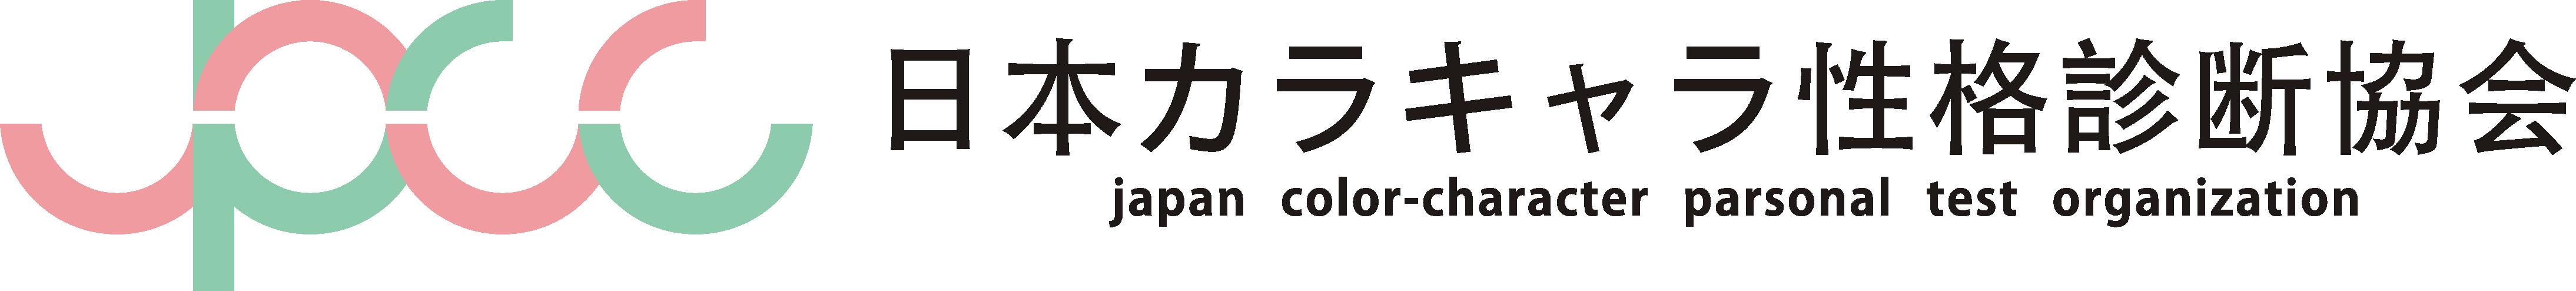 日本カラキャラ性格診断協会